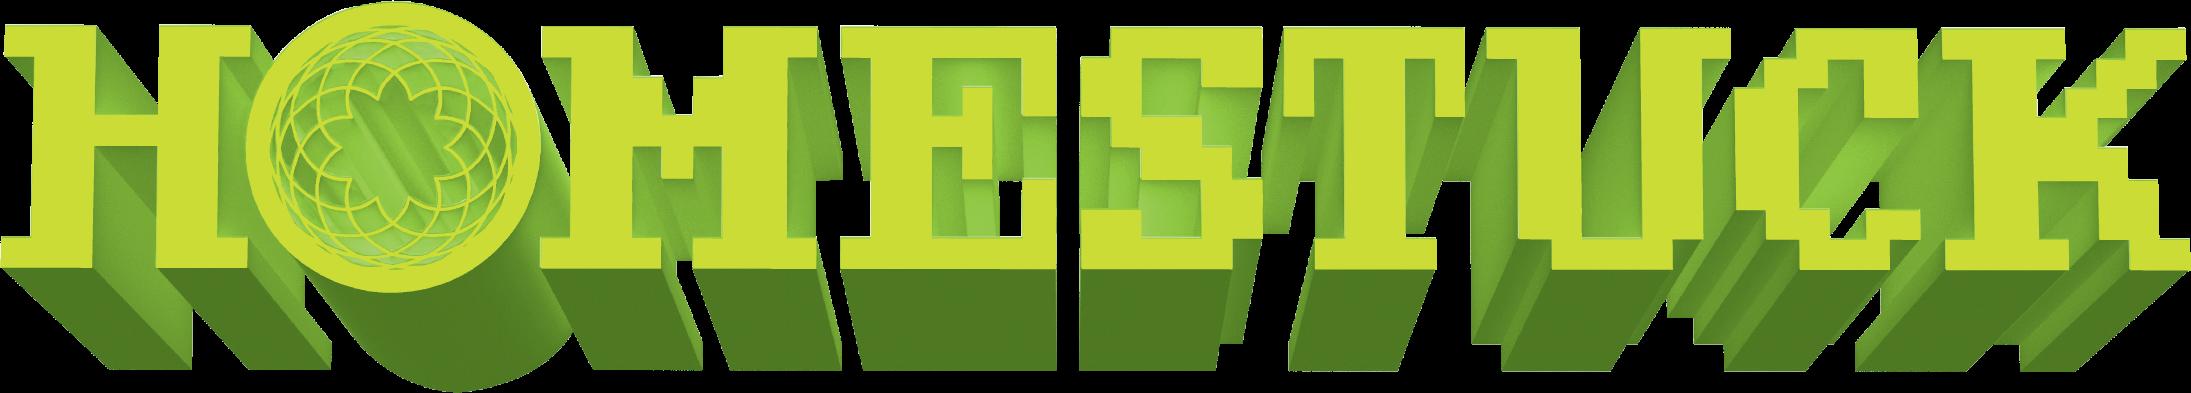 Homestuck logo